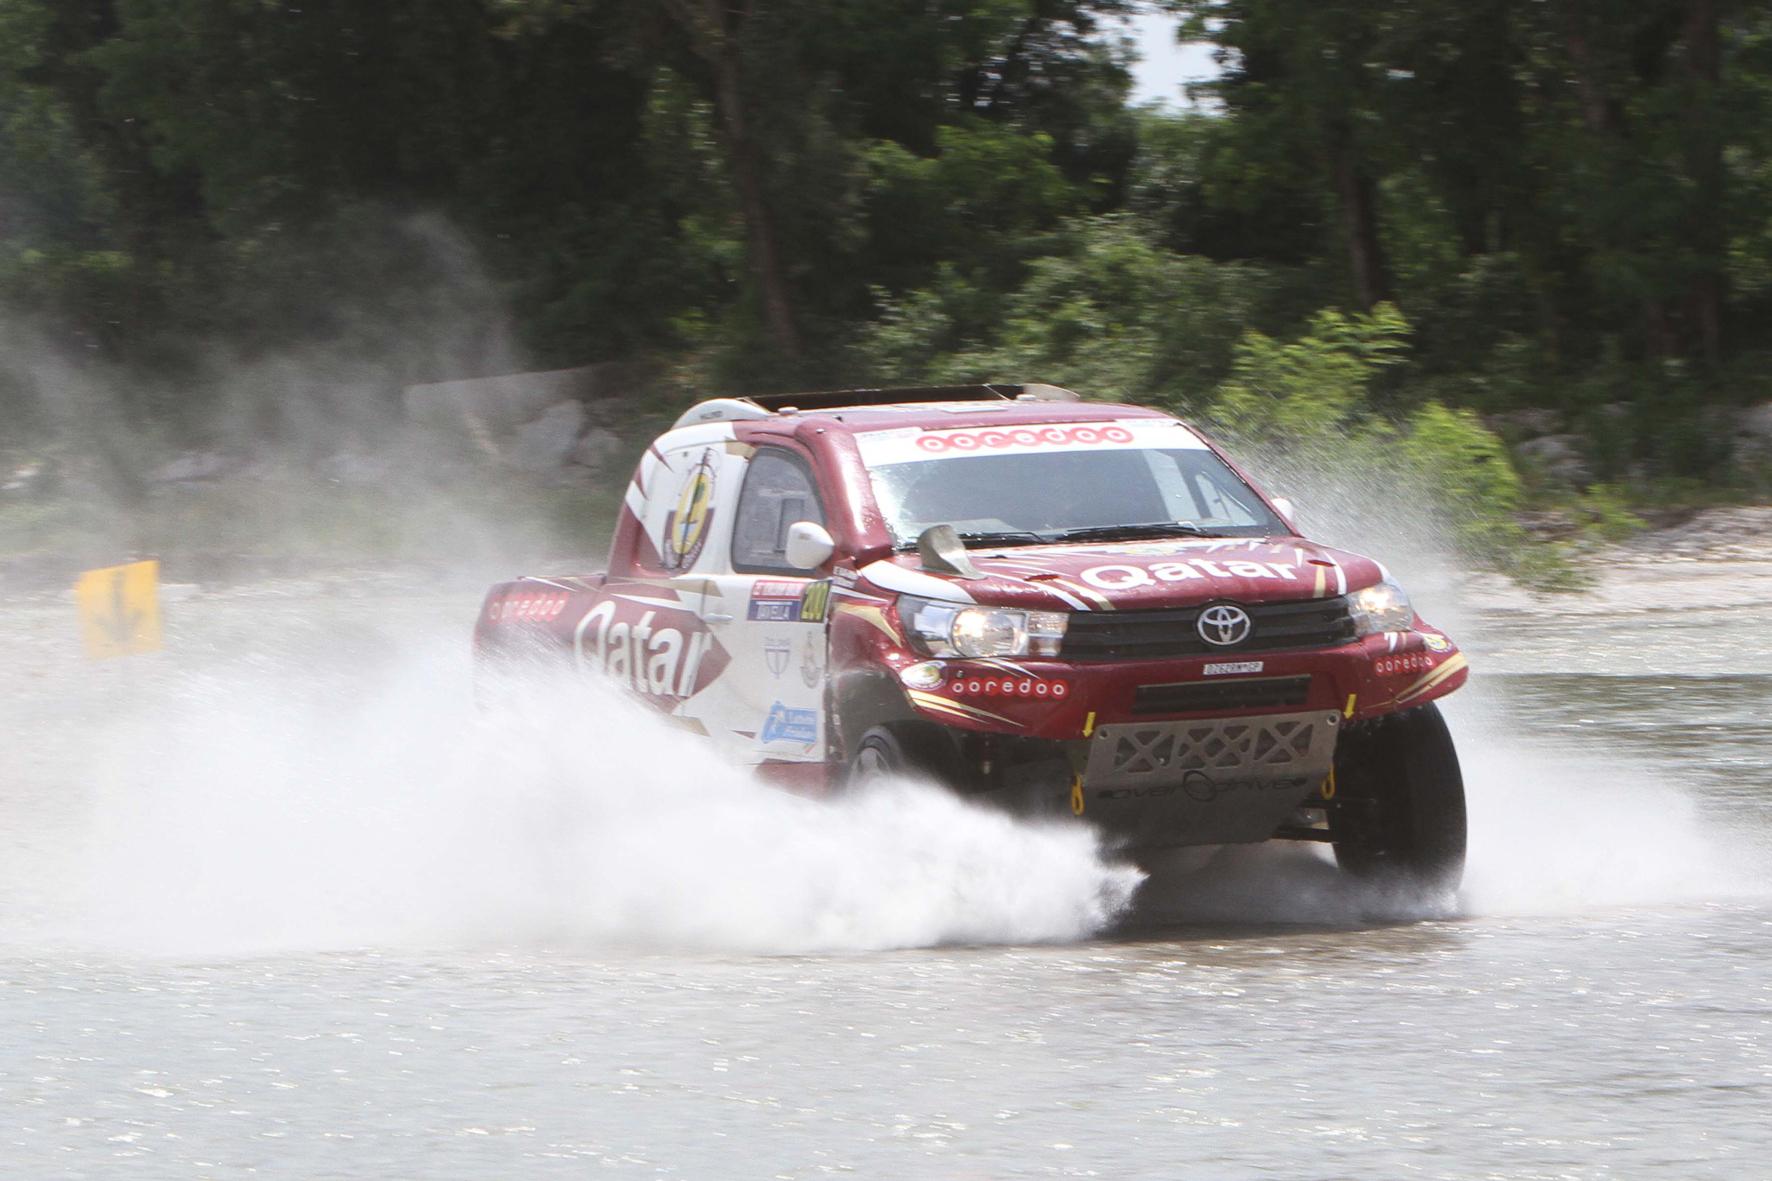 mid Pordenone/Italien - Augen zu und durch: Auch die Flussbetten können Rallye-Star Nasser Al-Attiyah auf dem Weg zum Sieg bei der Italian Baja in seinem Toyota Hilux nicht stoppen.